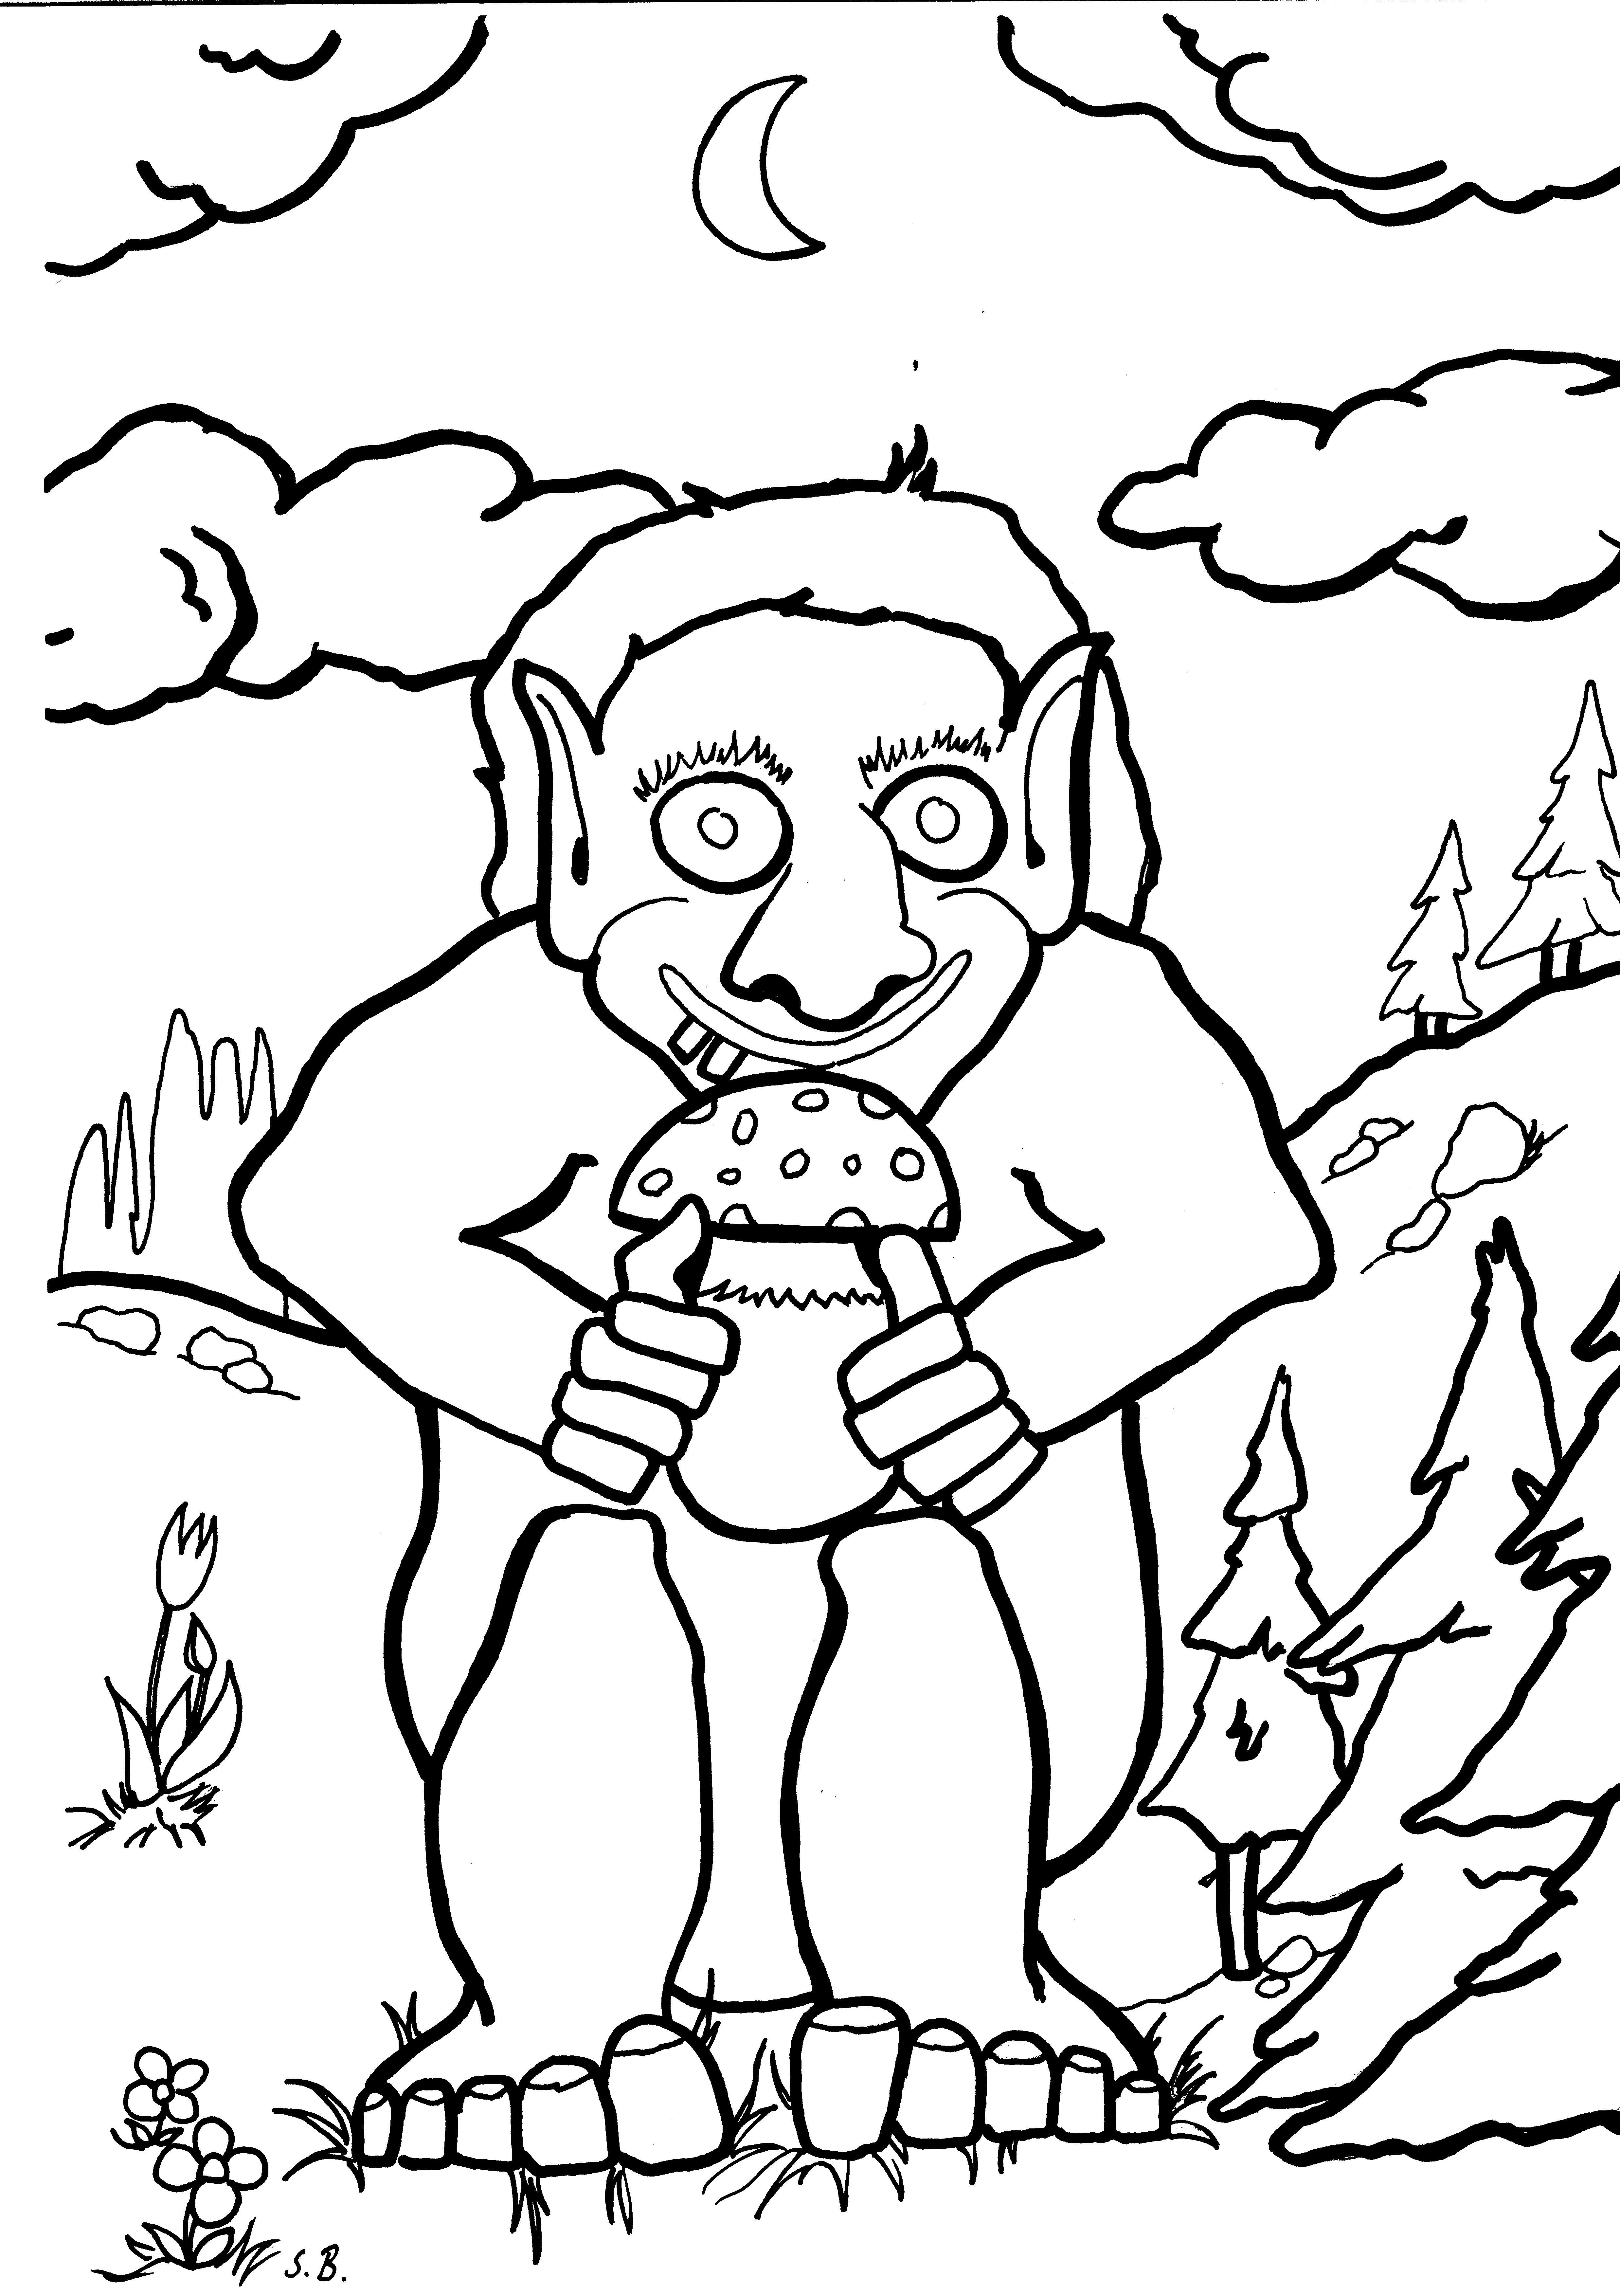 Ausmalbilder Kostenlos Pferde : Ausmalbilder Trolls Kostenlos 11 Malvorlage Trolls Ausmalbilder